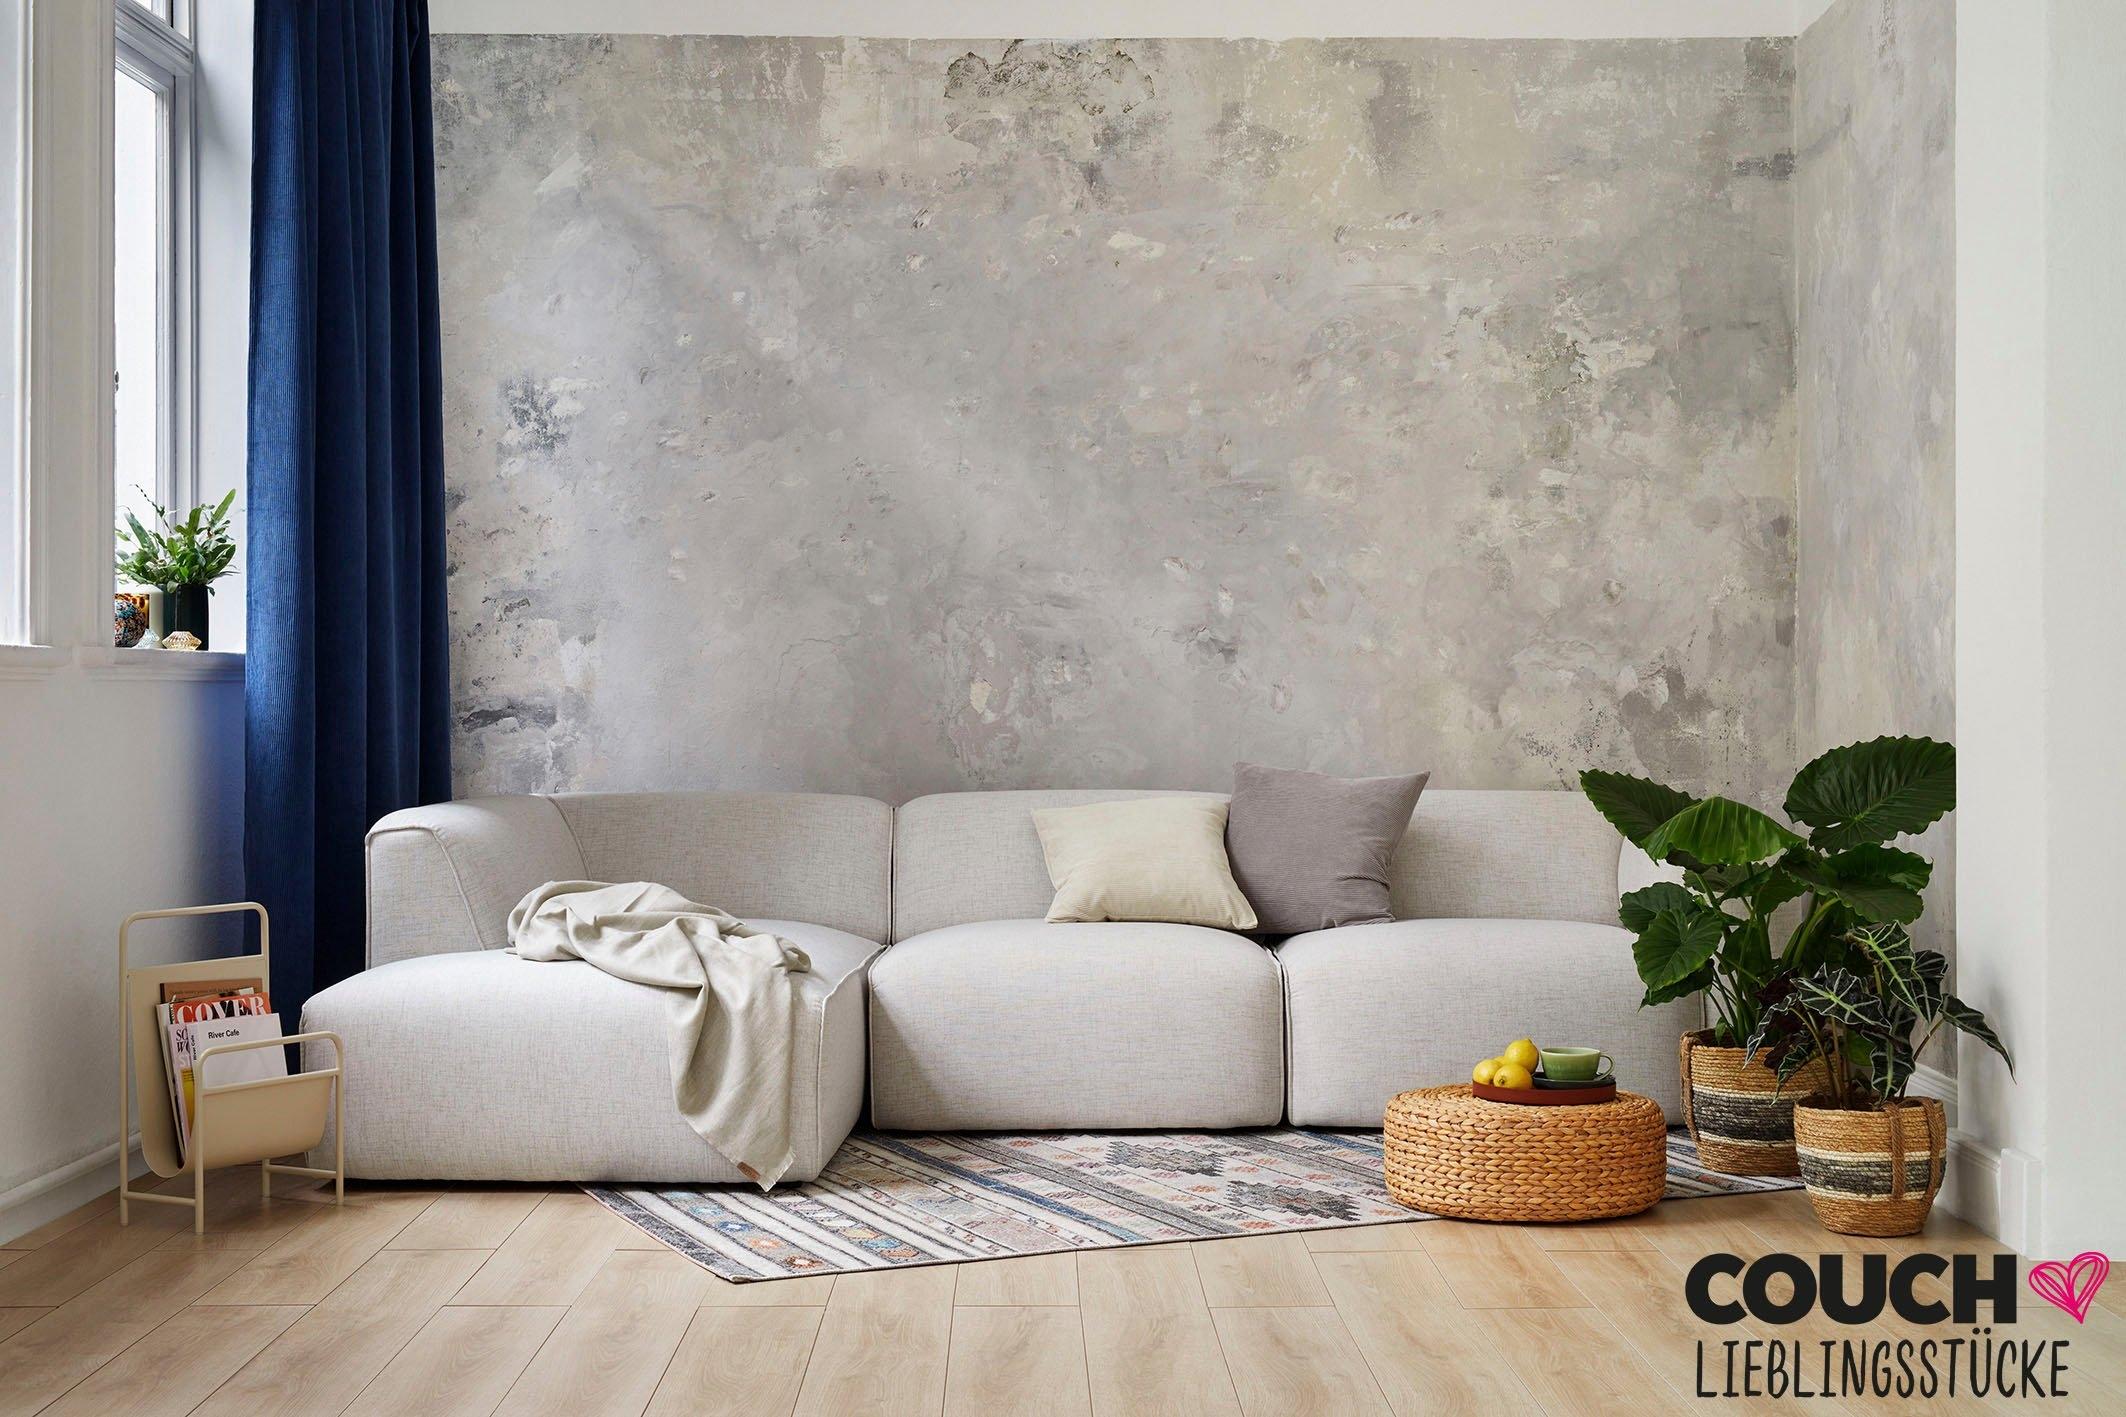 COUCH ♥ hoekbank Vette bekleding modulaire bankset, maar ook modules voor het naar wens samenstellen van een perfecte zithoek van couch favorieten veilig op otto.nl kopen